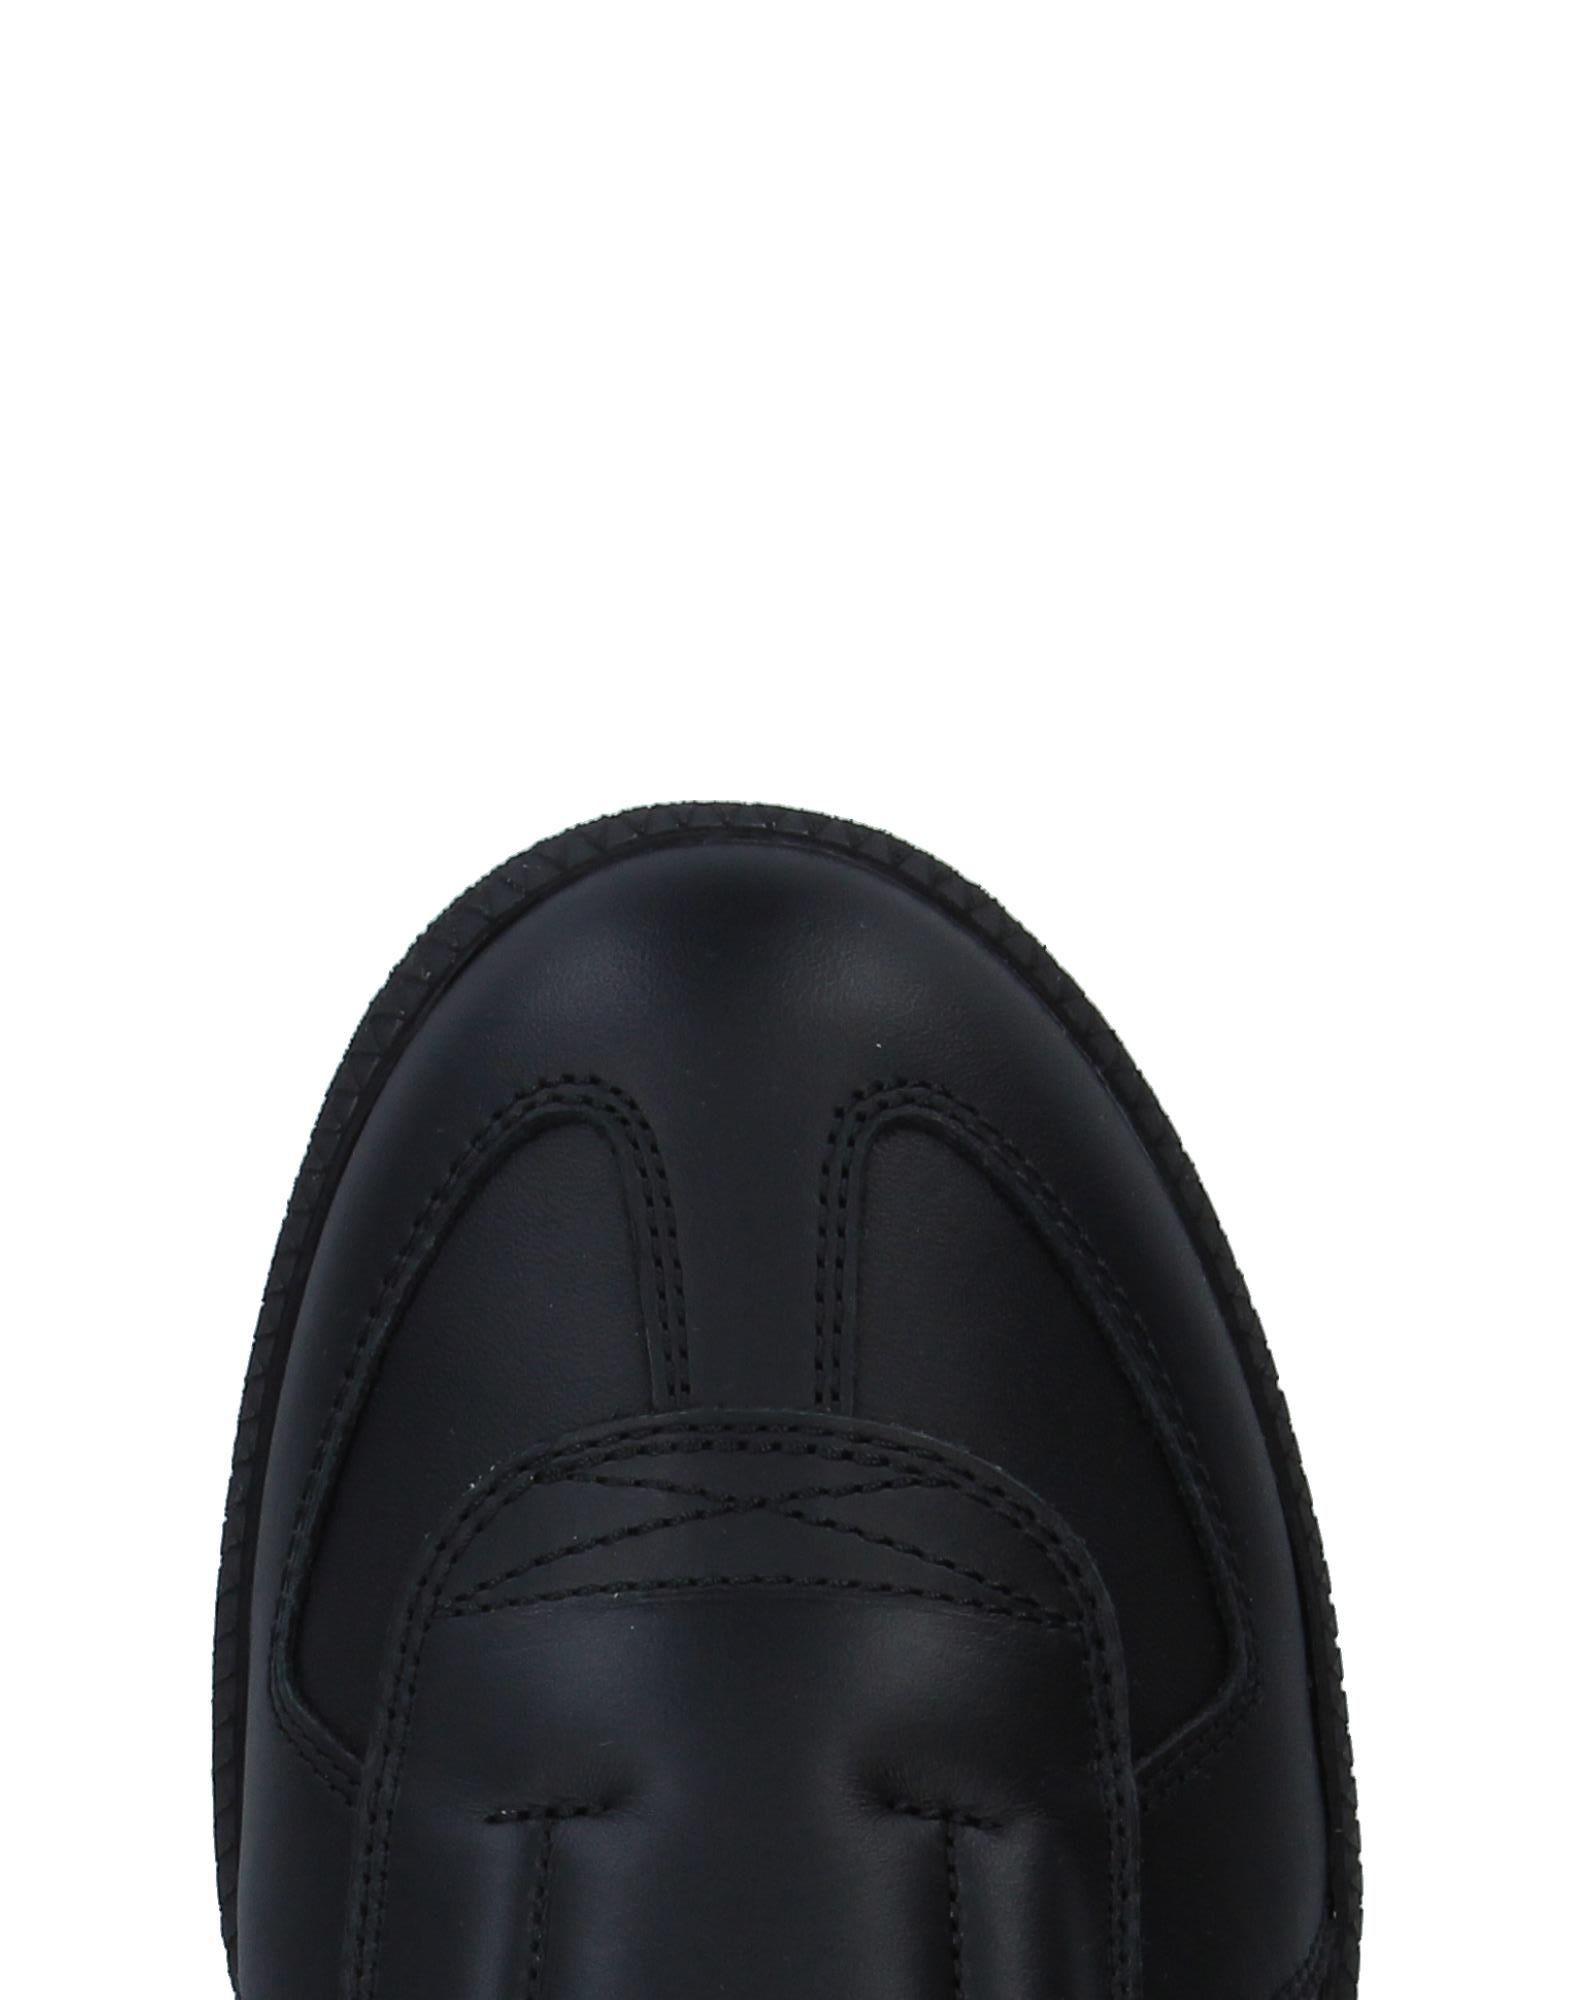 Sneakers Maison Margiela Femme - Sneakers Maison Margiela sur